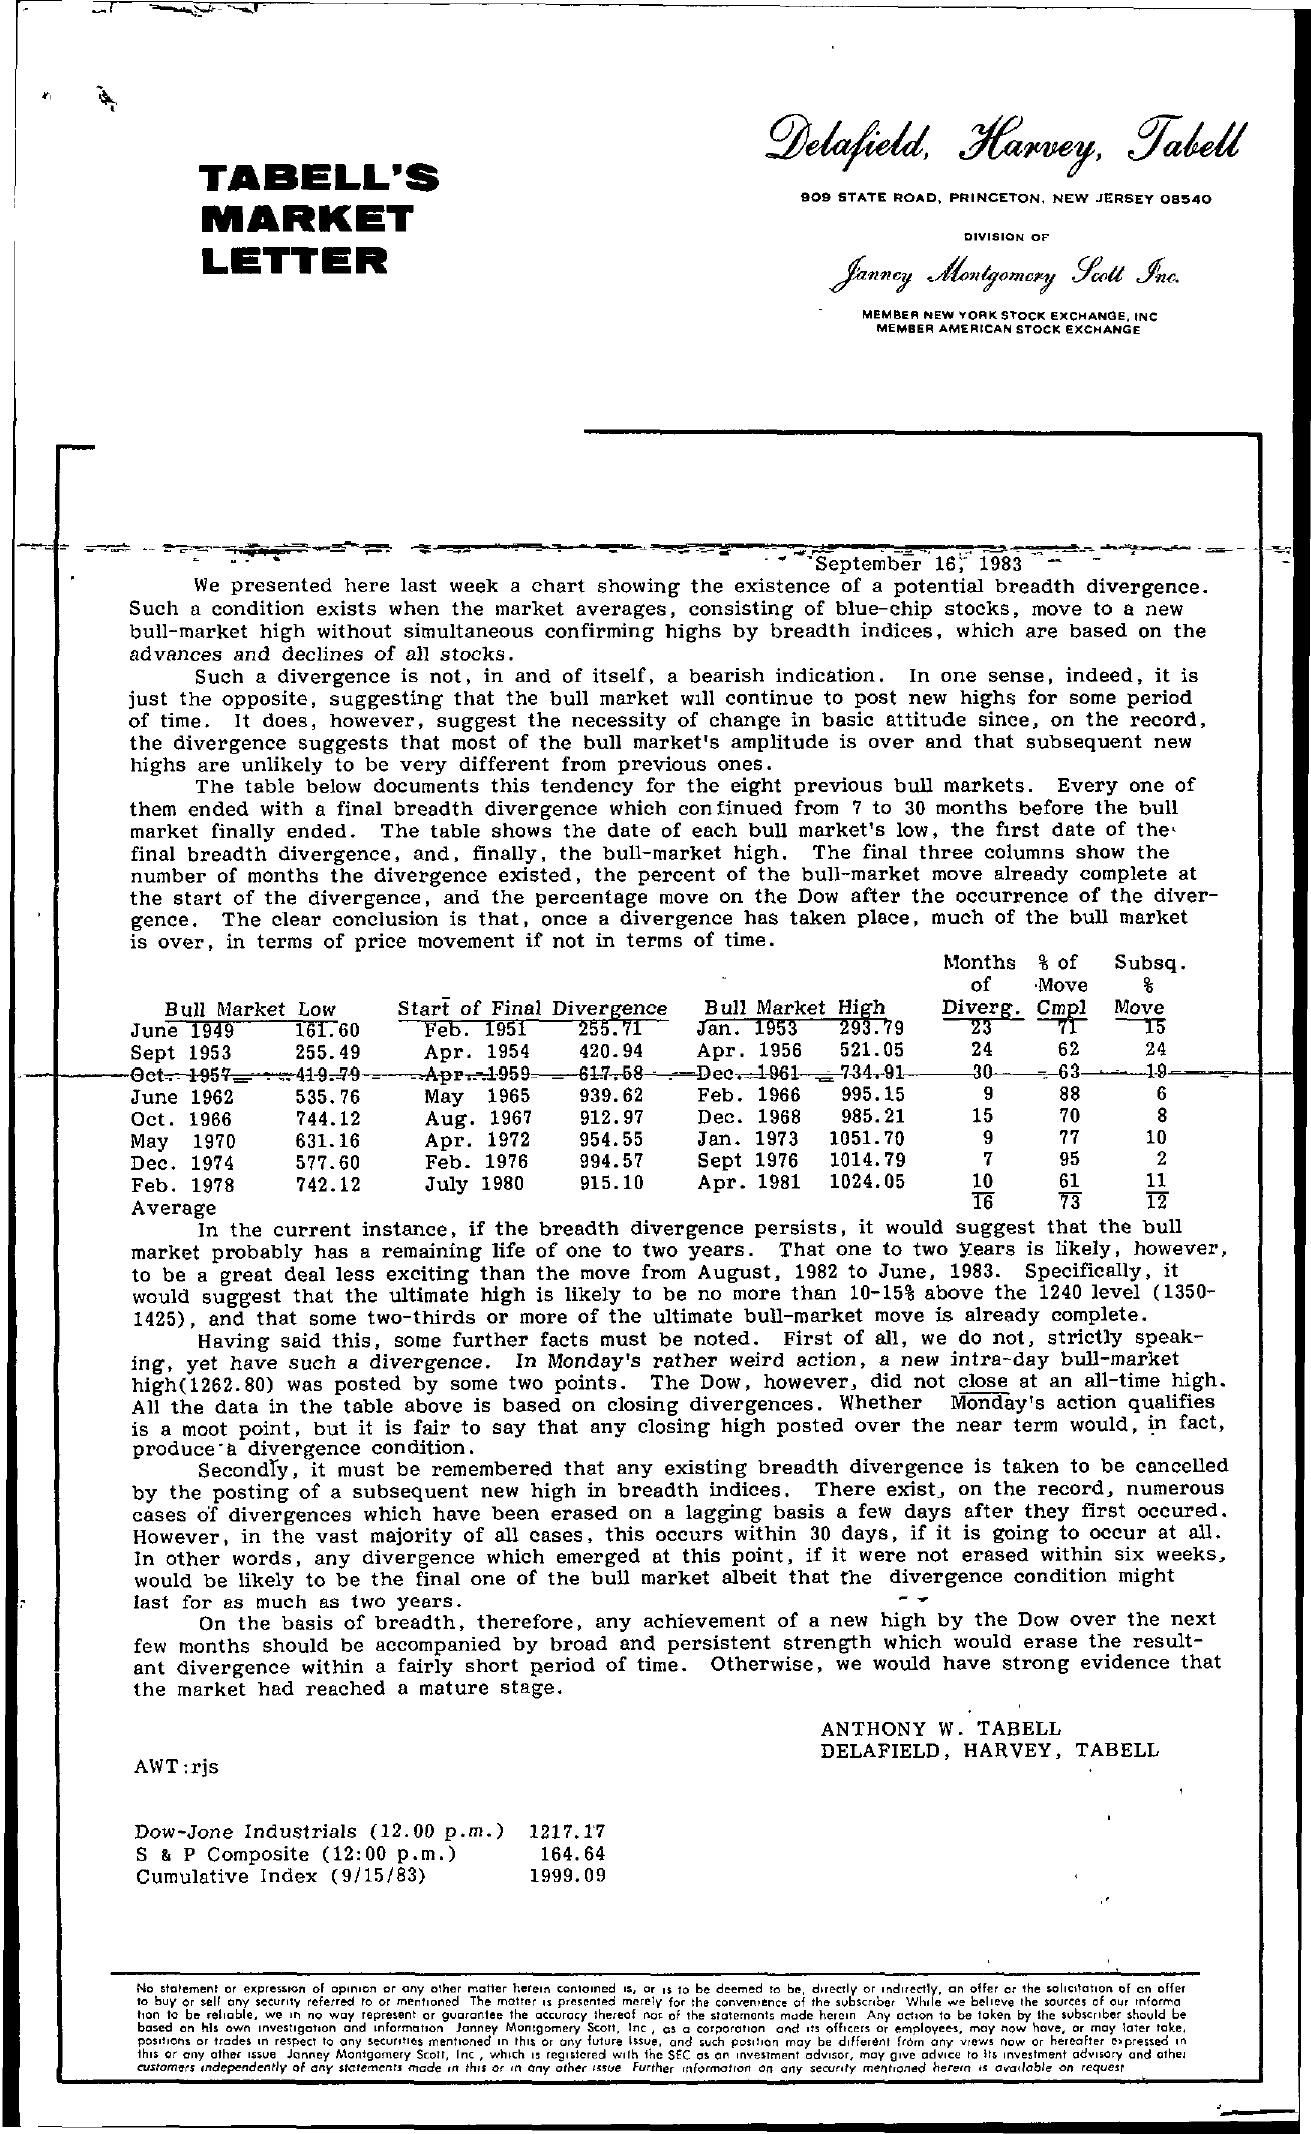 Tabell's Market Letter - September 16, 1983